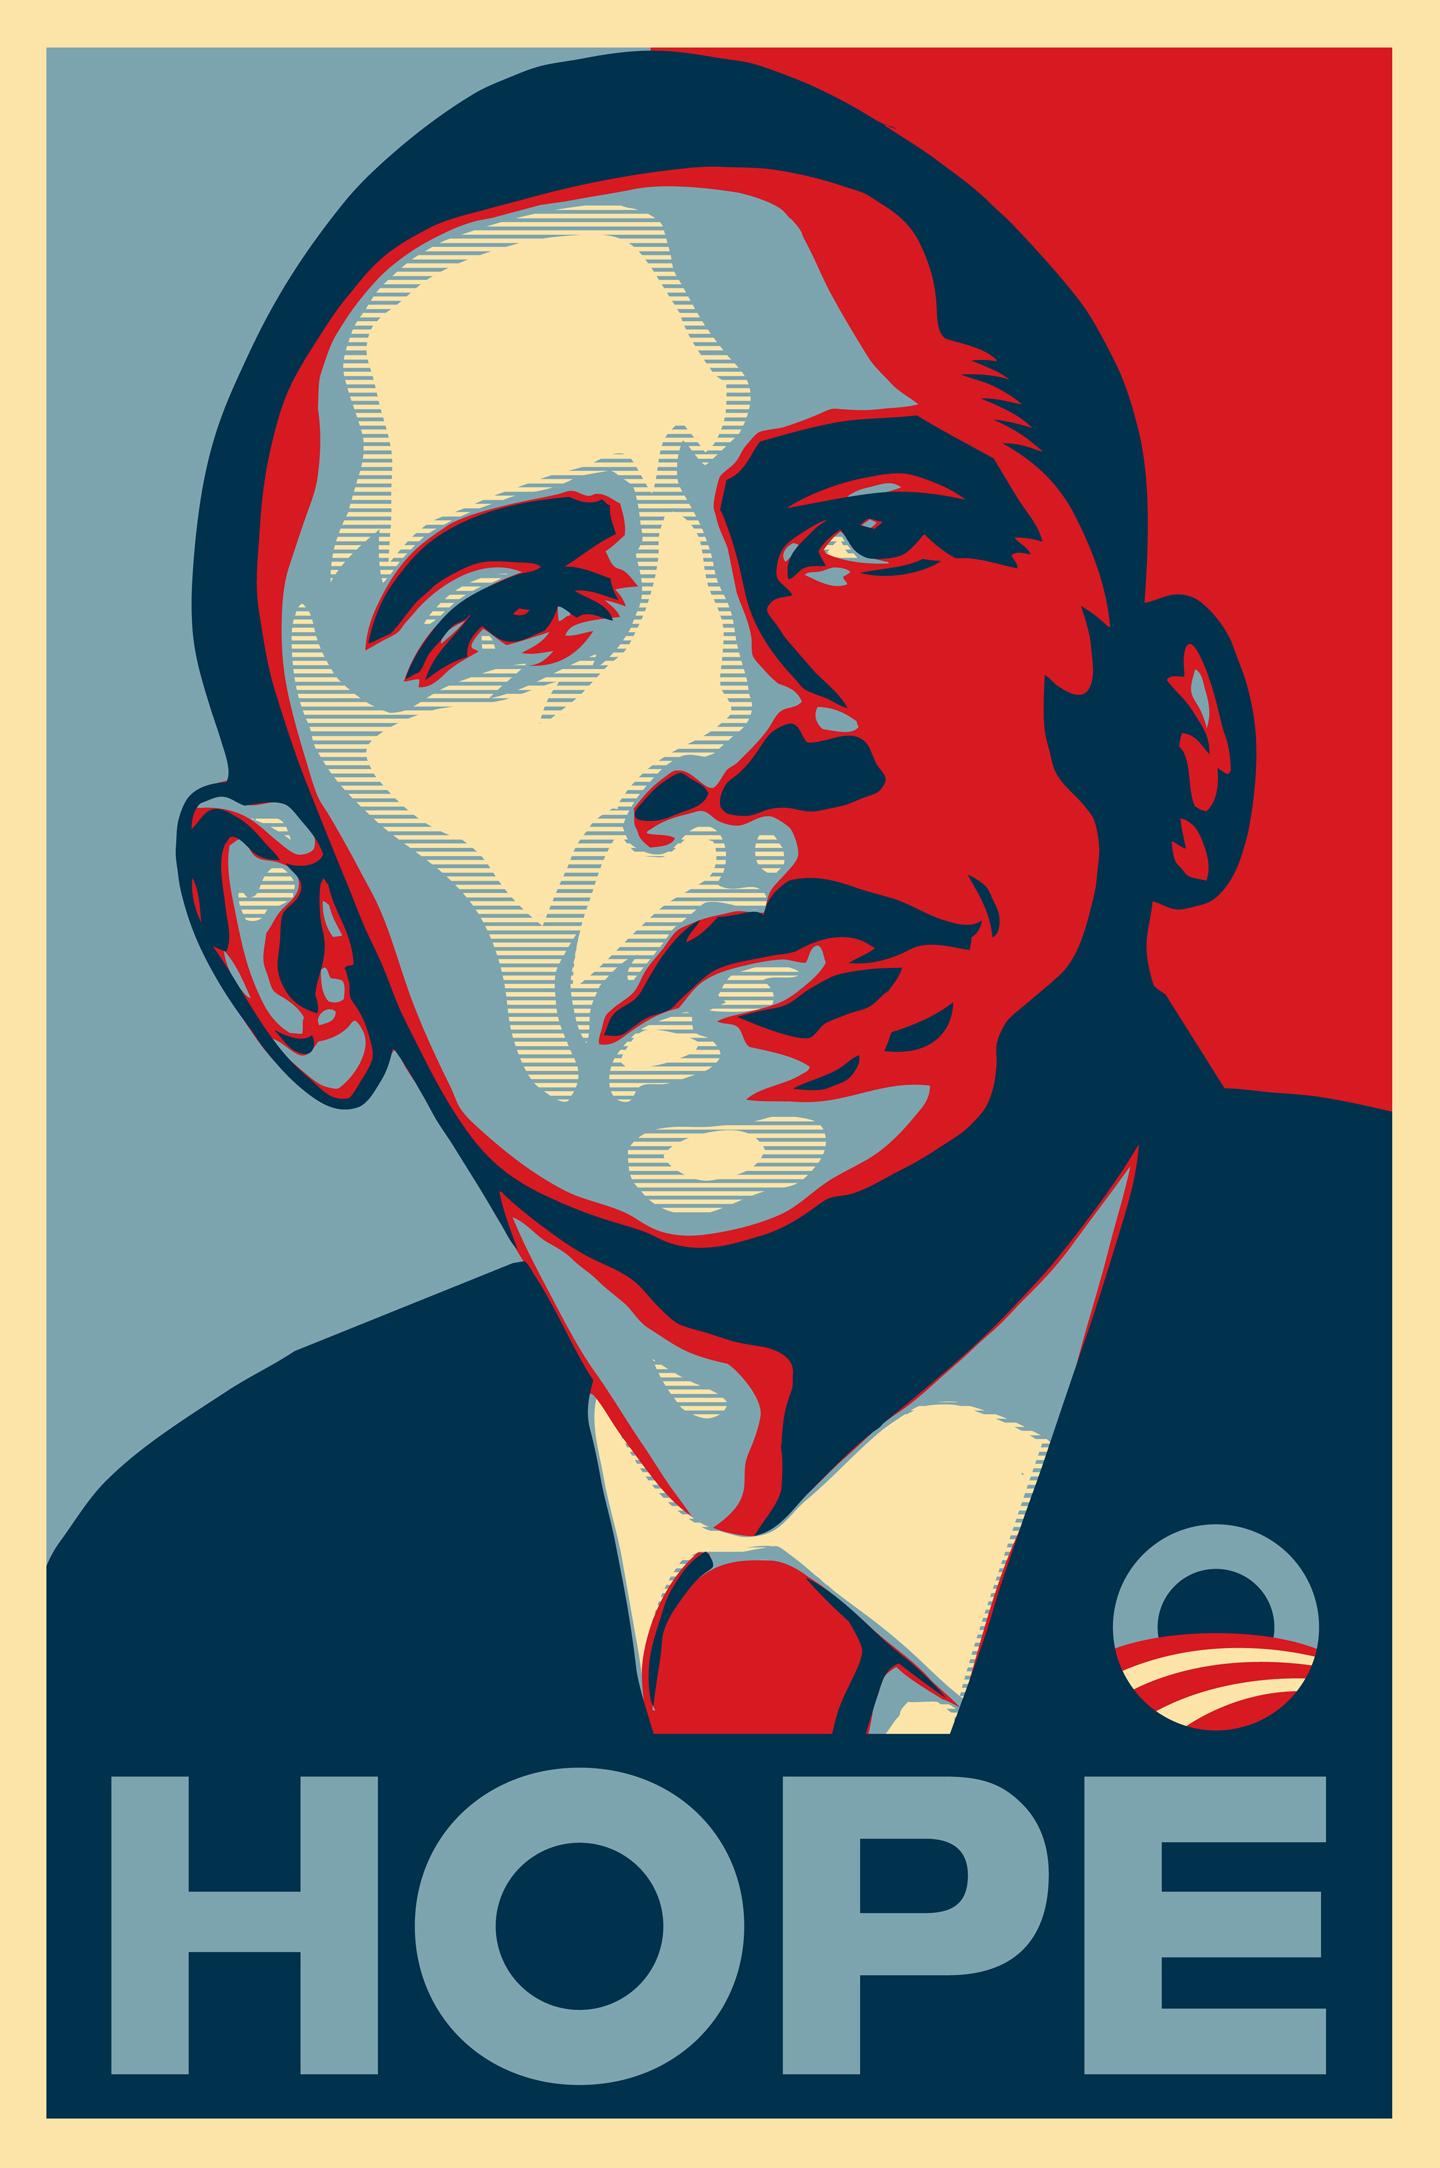 obama-hope-shelter-copy